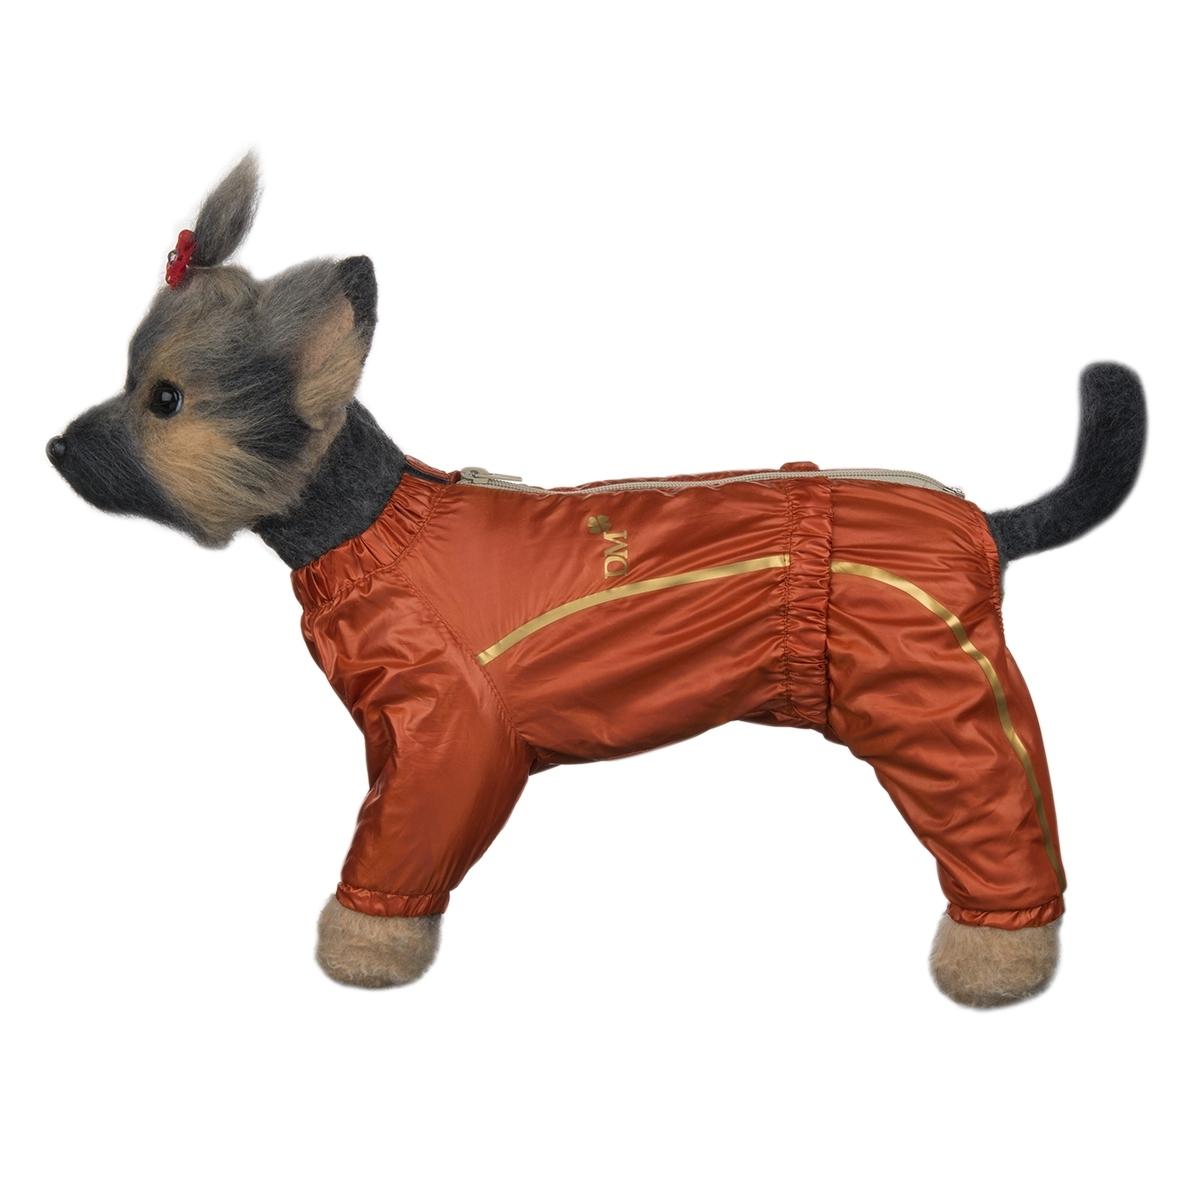 Комбинезон для собак Dogmoda Альпы, для девочки, цвет: оранжевый. Размер 2 (М). DM-160102DM-160102-2_оранжКомбинезон для собак Dogmoda Альпы отлично подойдет для прогулок поздней осенью или ранней весной.Комбинезон изготовлен из полиэстера, защищающего от ветра и осадков, с подкладкой из вискозы и полиэстера, которая сохранит тепло и обеспечит отличный воздухообмен.Комбинезон застегивается на молнию и липучку, благодаря чему его легко надевать и снимать. Ворот, низ рукавов и брючин оснащены внутренними резинками, которые мягко обхватывают шею и лапки, не позволяя просачиваться холодному воздуху. На пояснице имеется внутренняя резинка. Изделие декорировано золотистыми полосками и надписью DM.Благодаря такому комбинезону простуда не грозит вашему питомцу и он не даст любимцу продрогнуть на прогулке.Длина по спинке: 24 см.Объем груди: 39 см.Обхват шеи: 25 см.